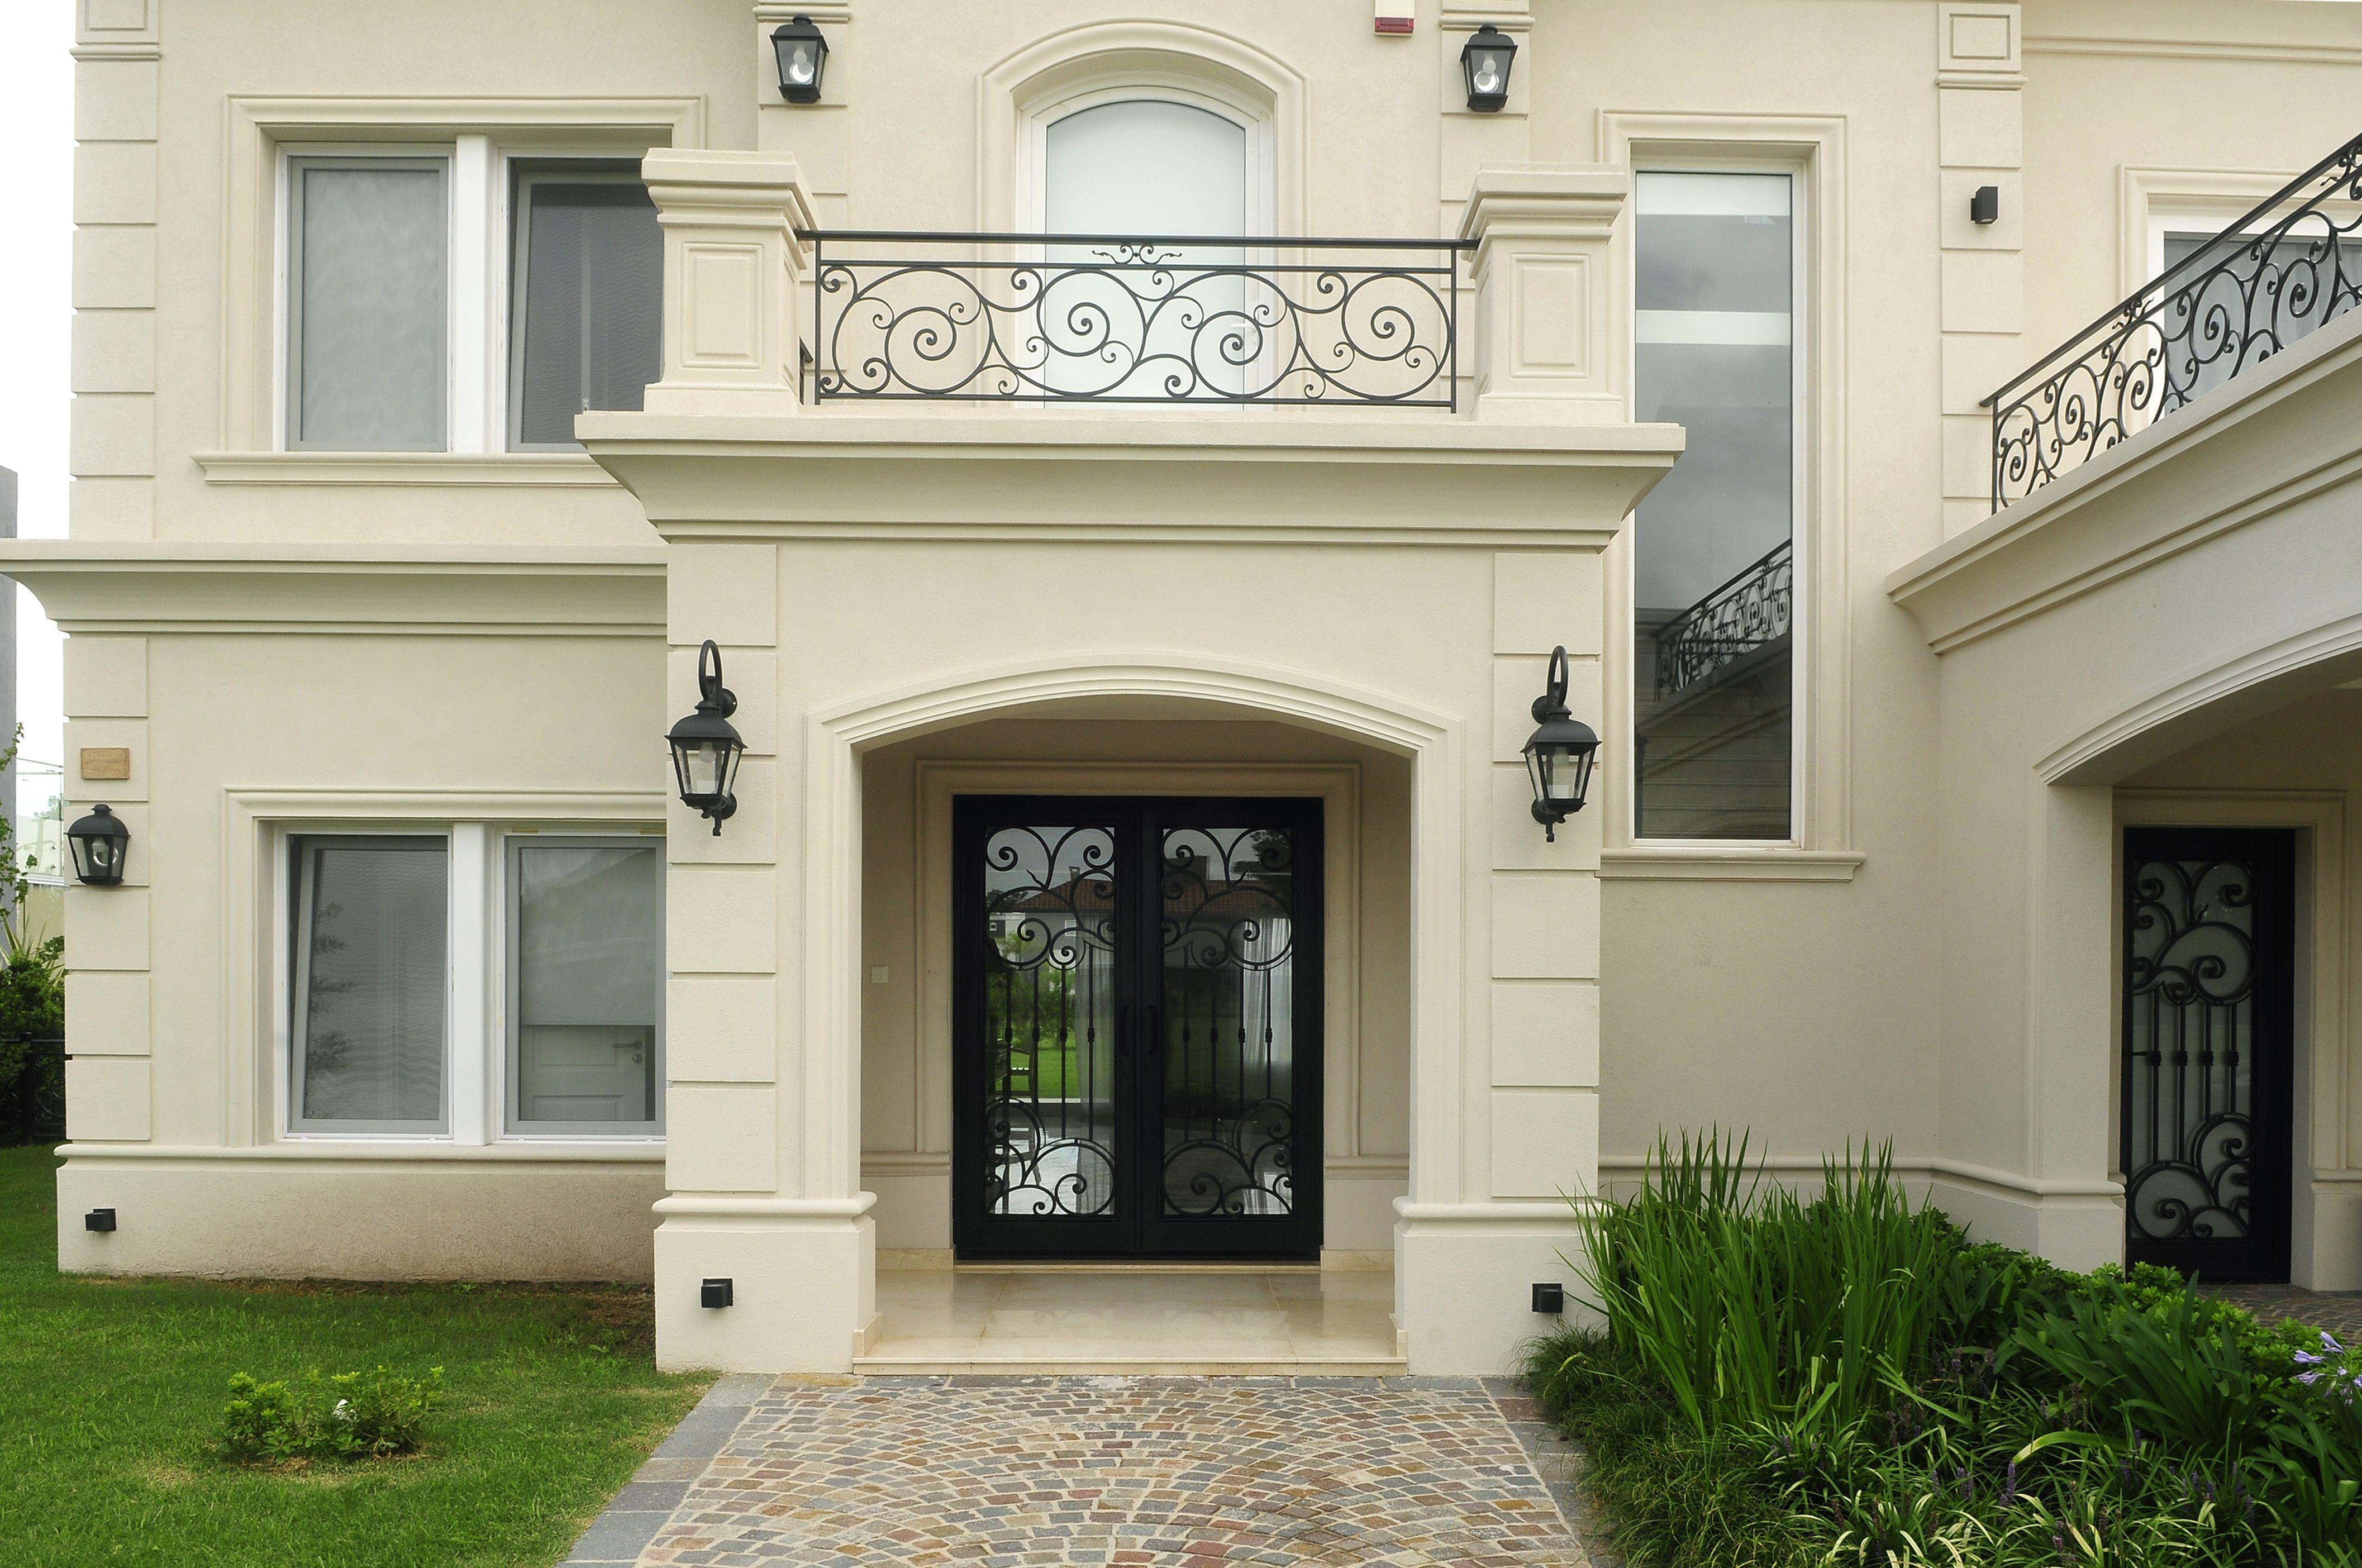 Obra fernandez borda arquitectura puerta de hierro for Puertas de hierro para casas modernas